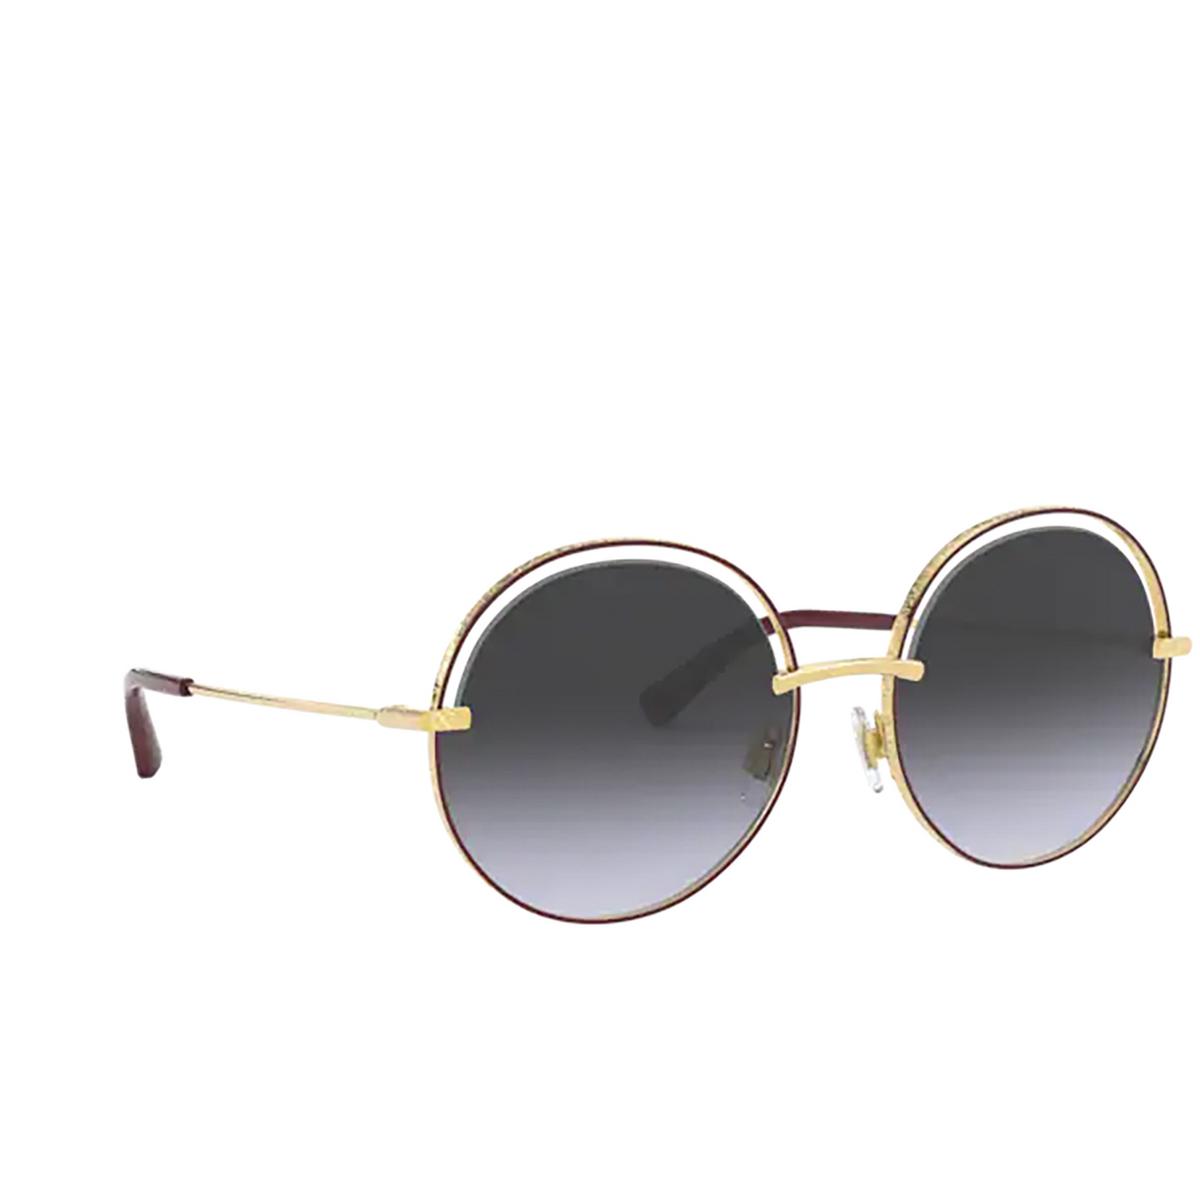 Dolce & Gabbana® Round Sunglasses: DG2262 color Bordeaux 13338G.